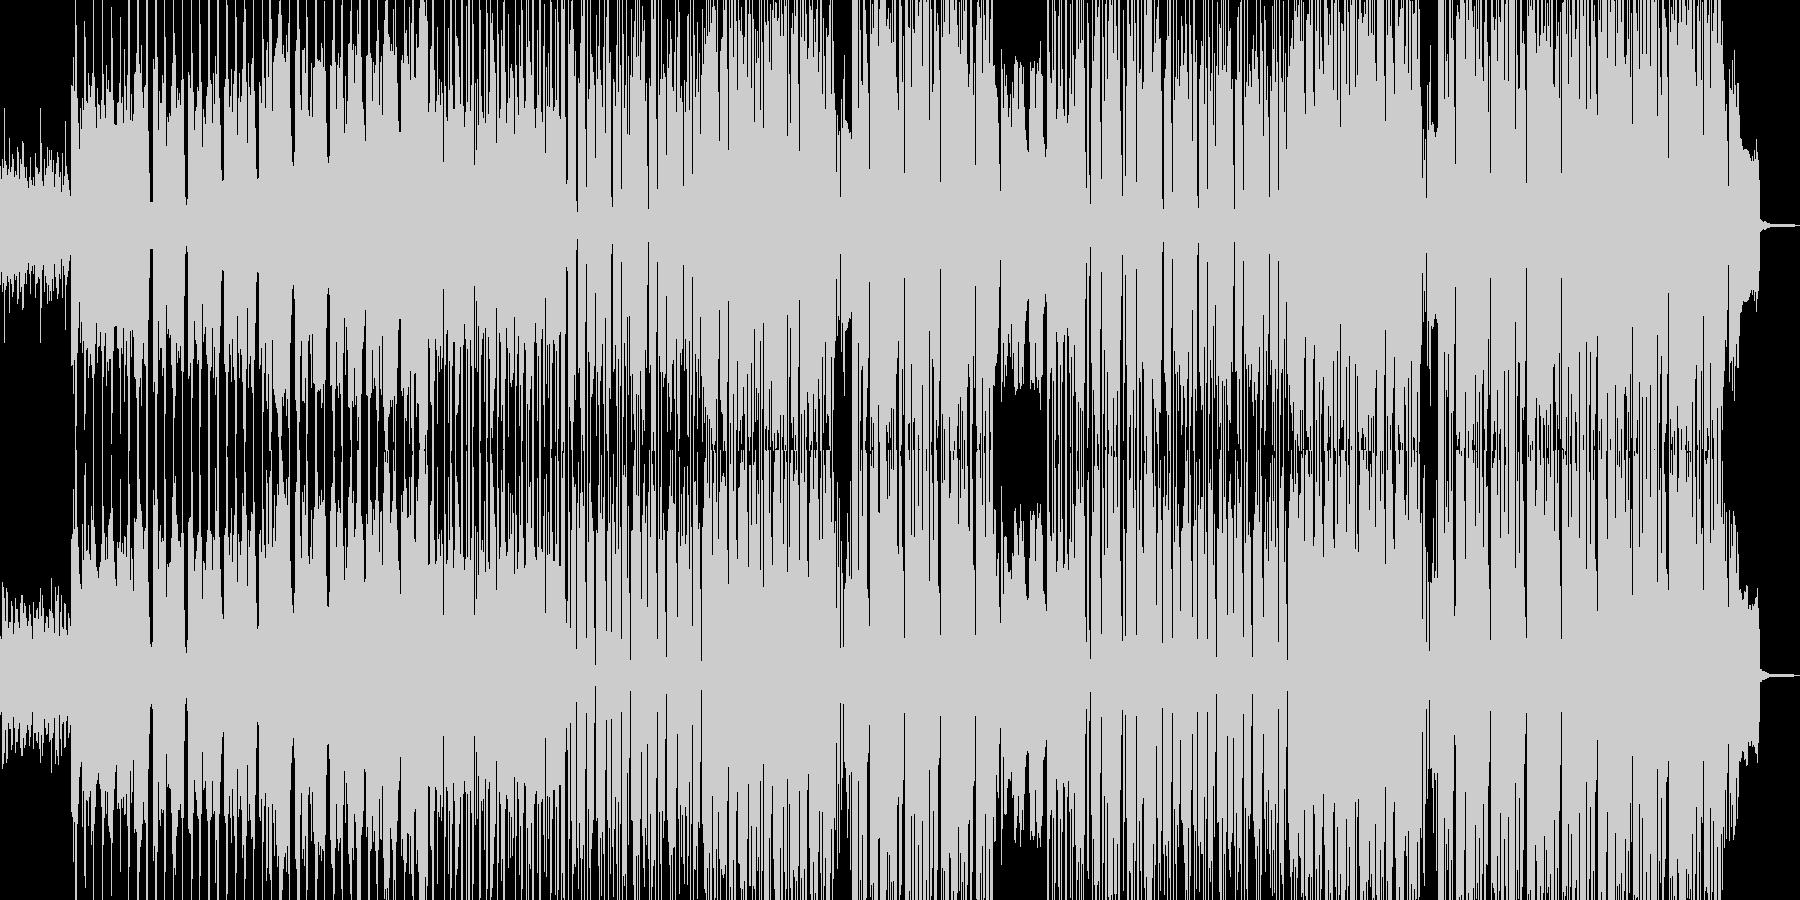 エモい雰囲気に適したヒップホップの未再生の波形